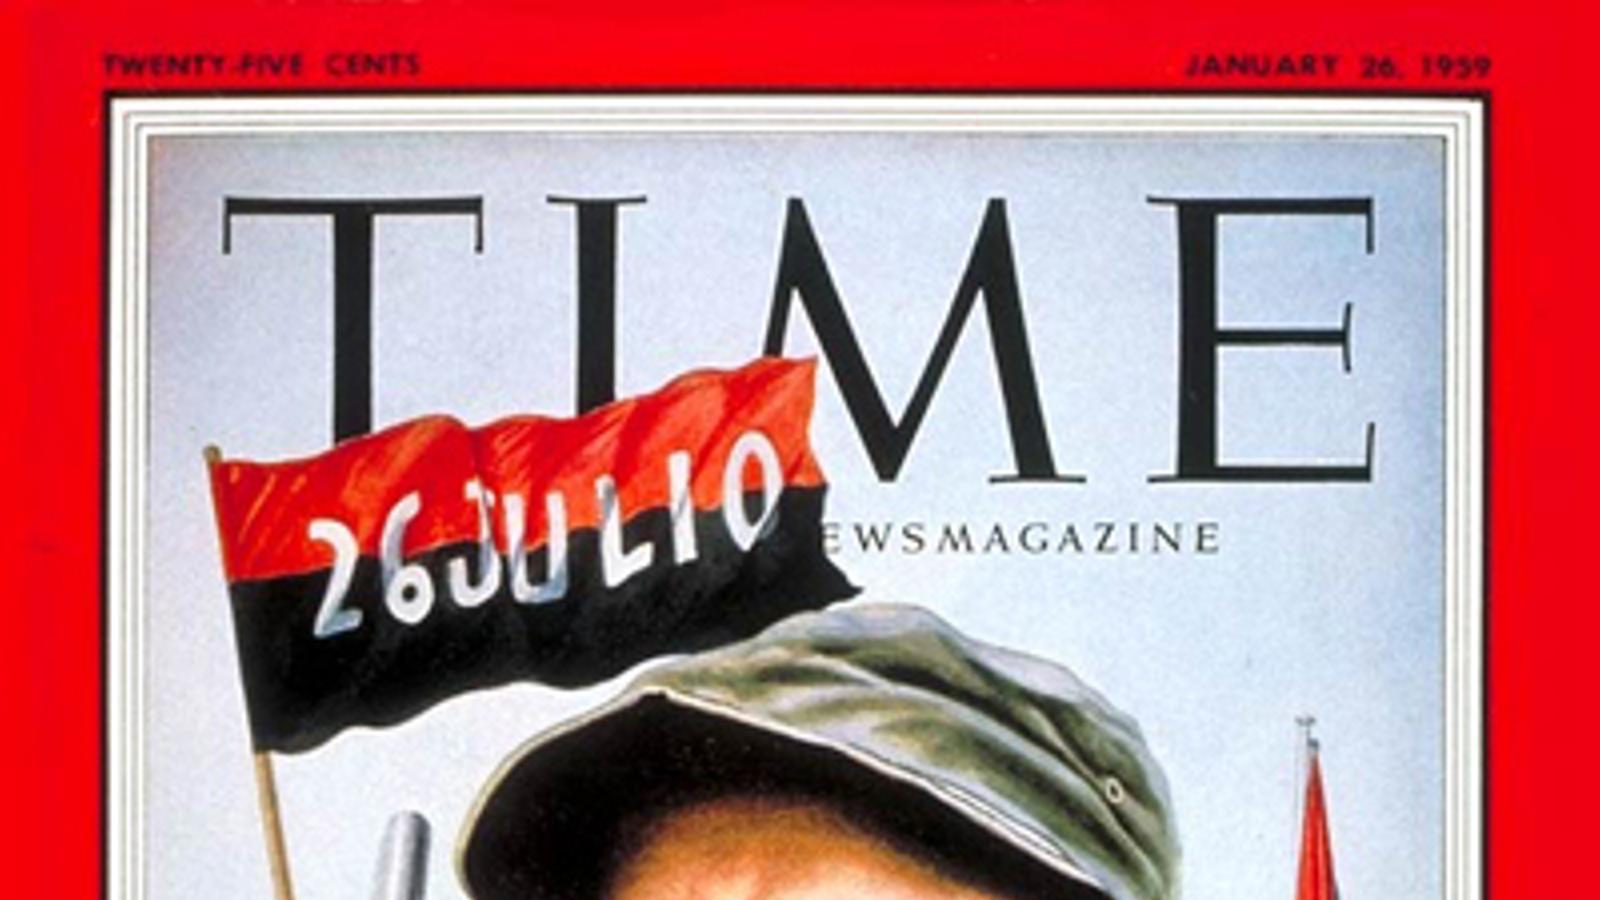 Portada de la revista 'Time' del 26 de gener del 1959 sobre el triomf de la revolució.